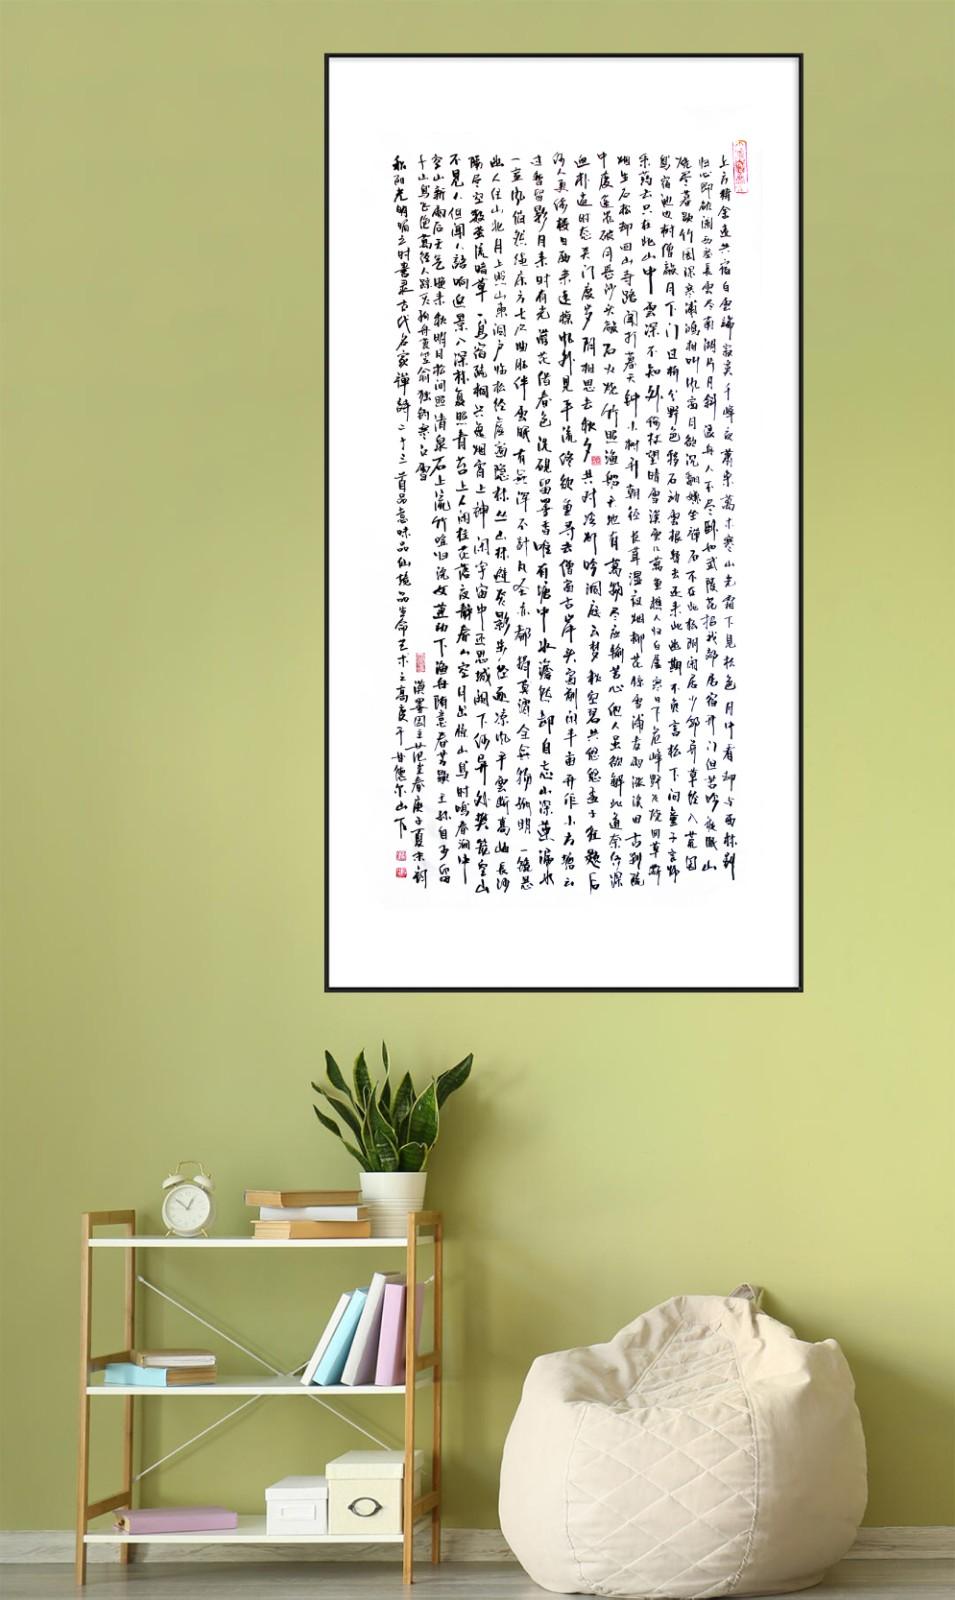 范建春书法、国画作品   敬请欣赏_图1-4